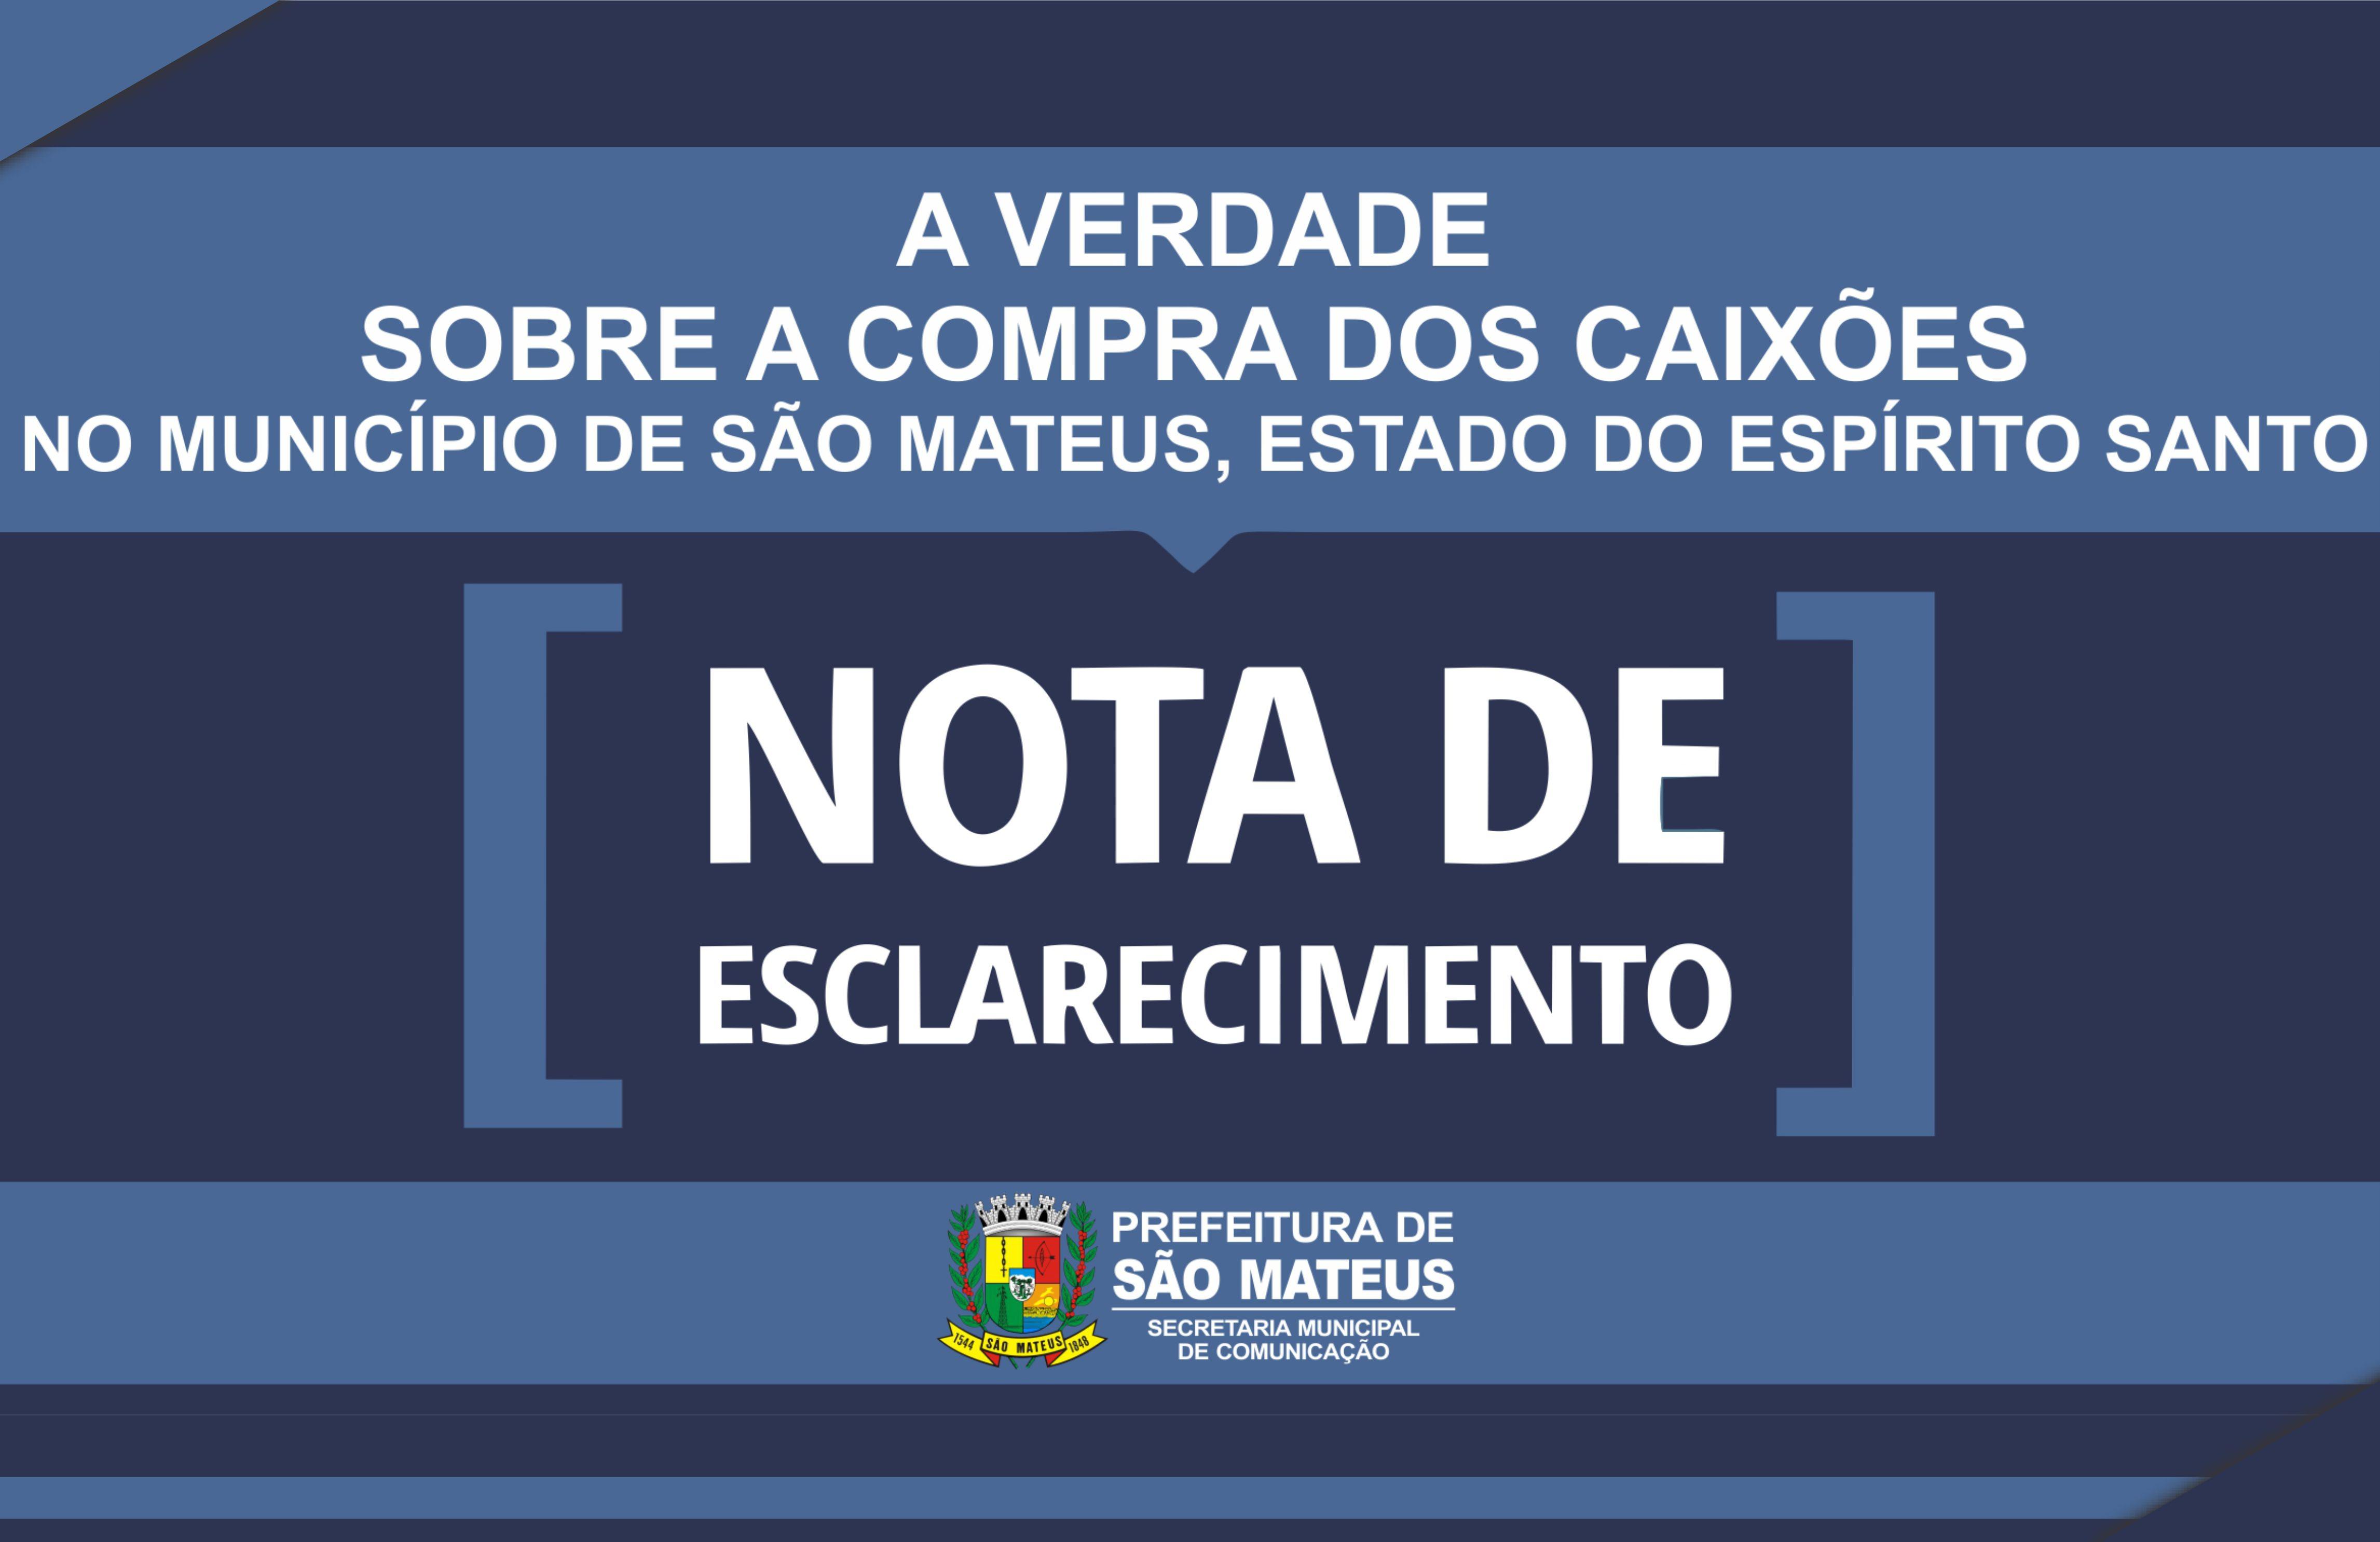 A verdade sobre a compra dos Caixões em São Mateus/ES